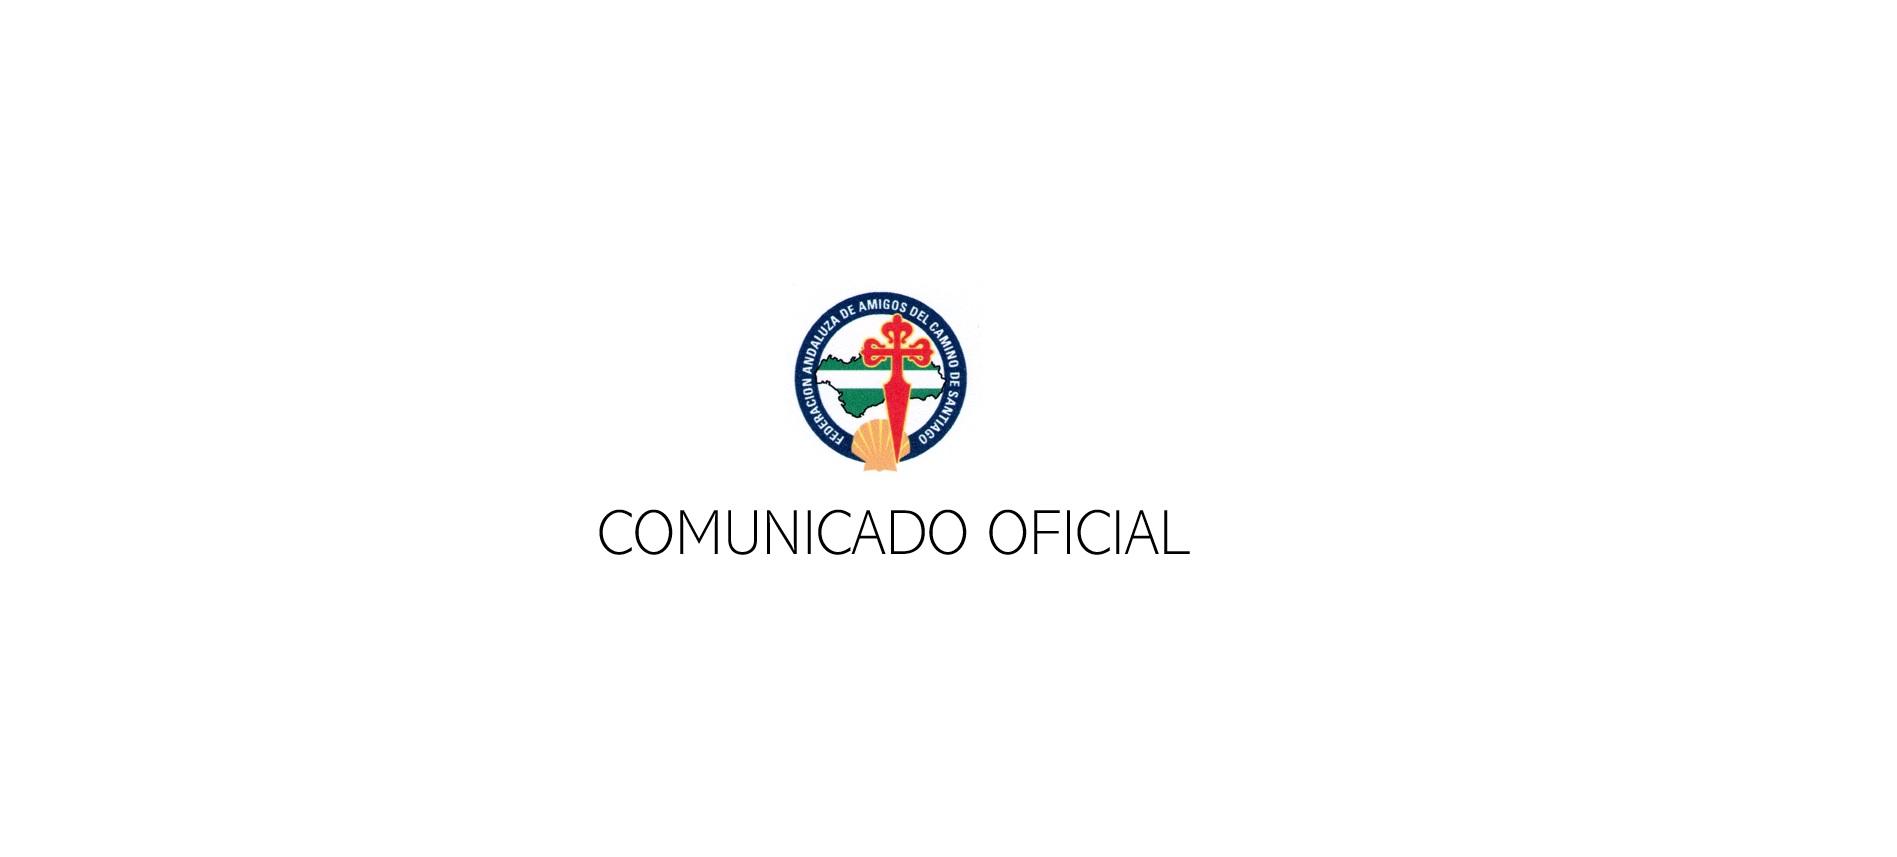 Comunicado de la Federación Andaluza de Asociaciones de Amigos del Camino de Santiago